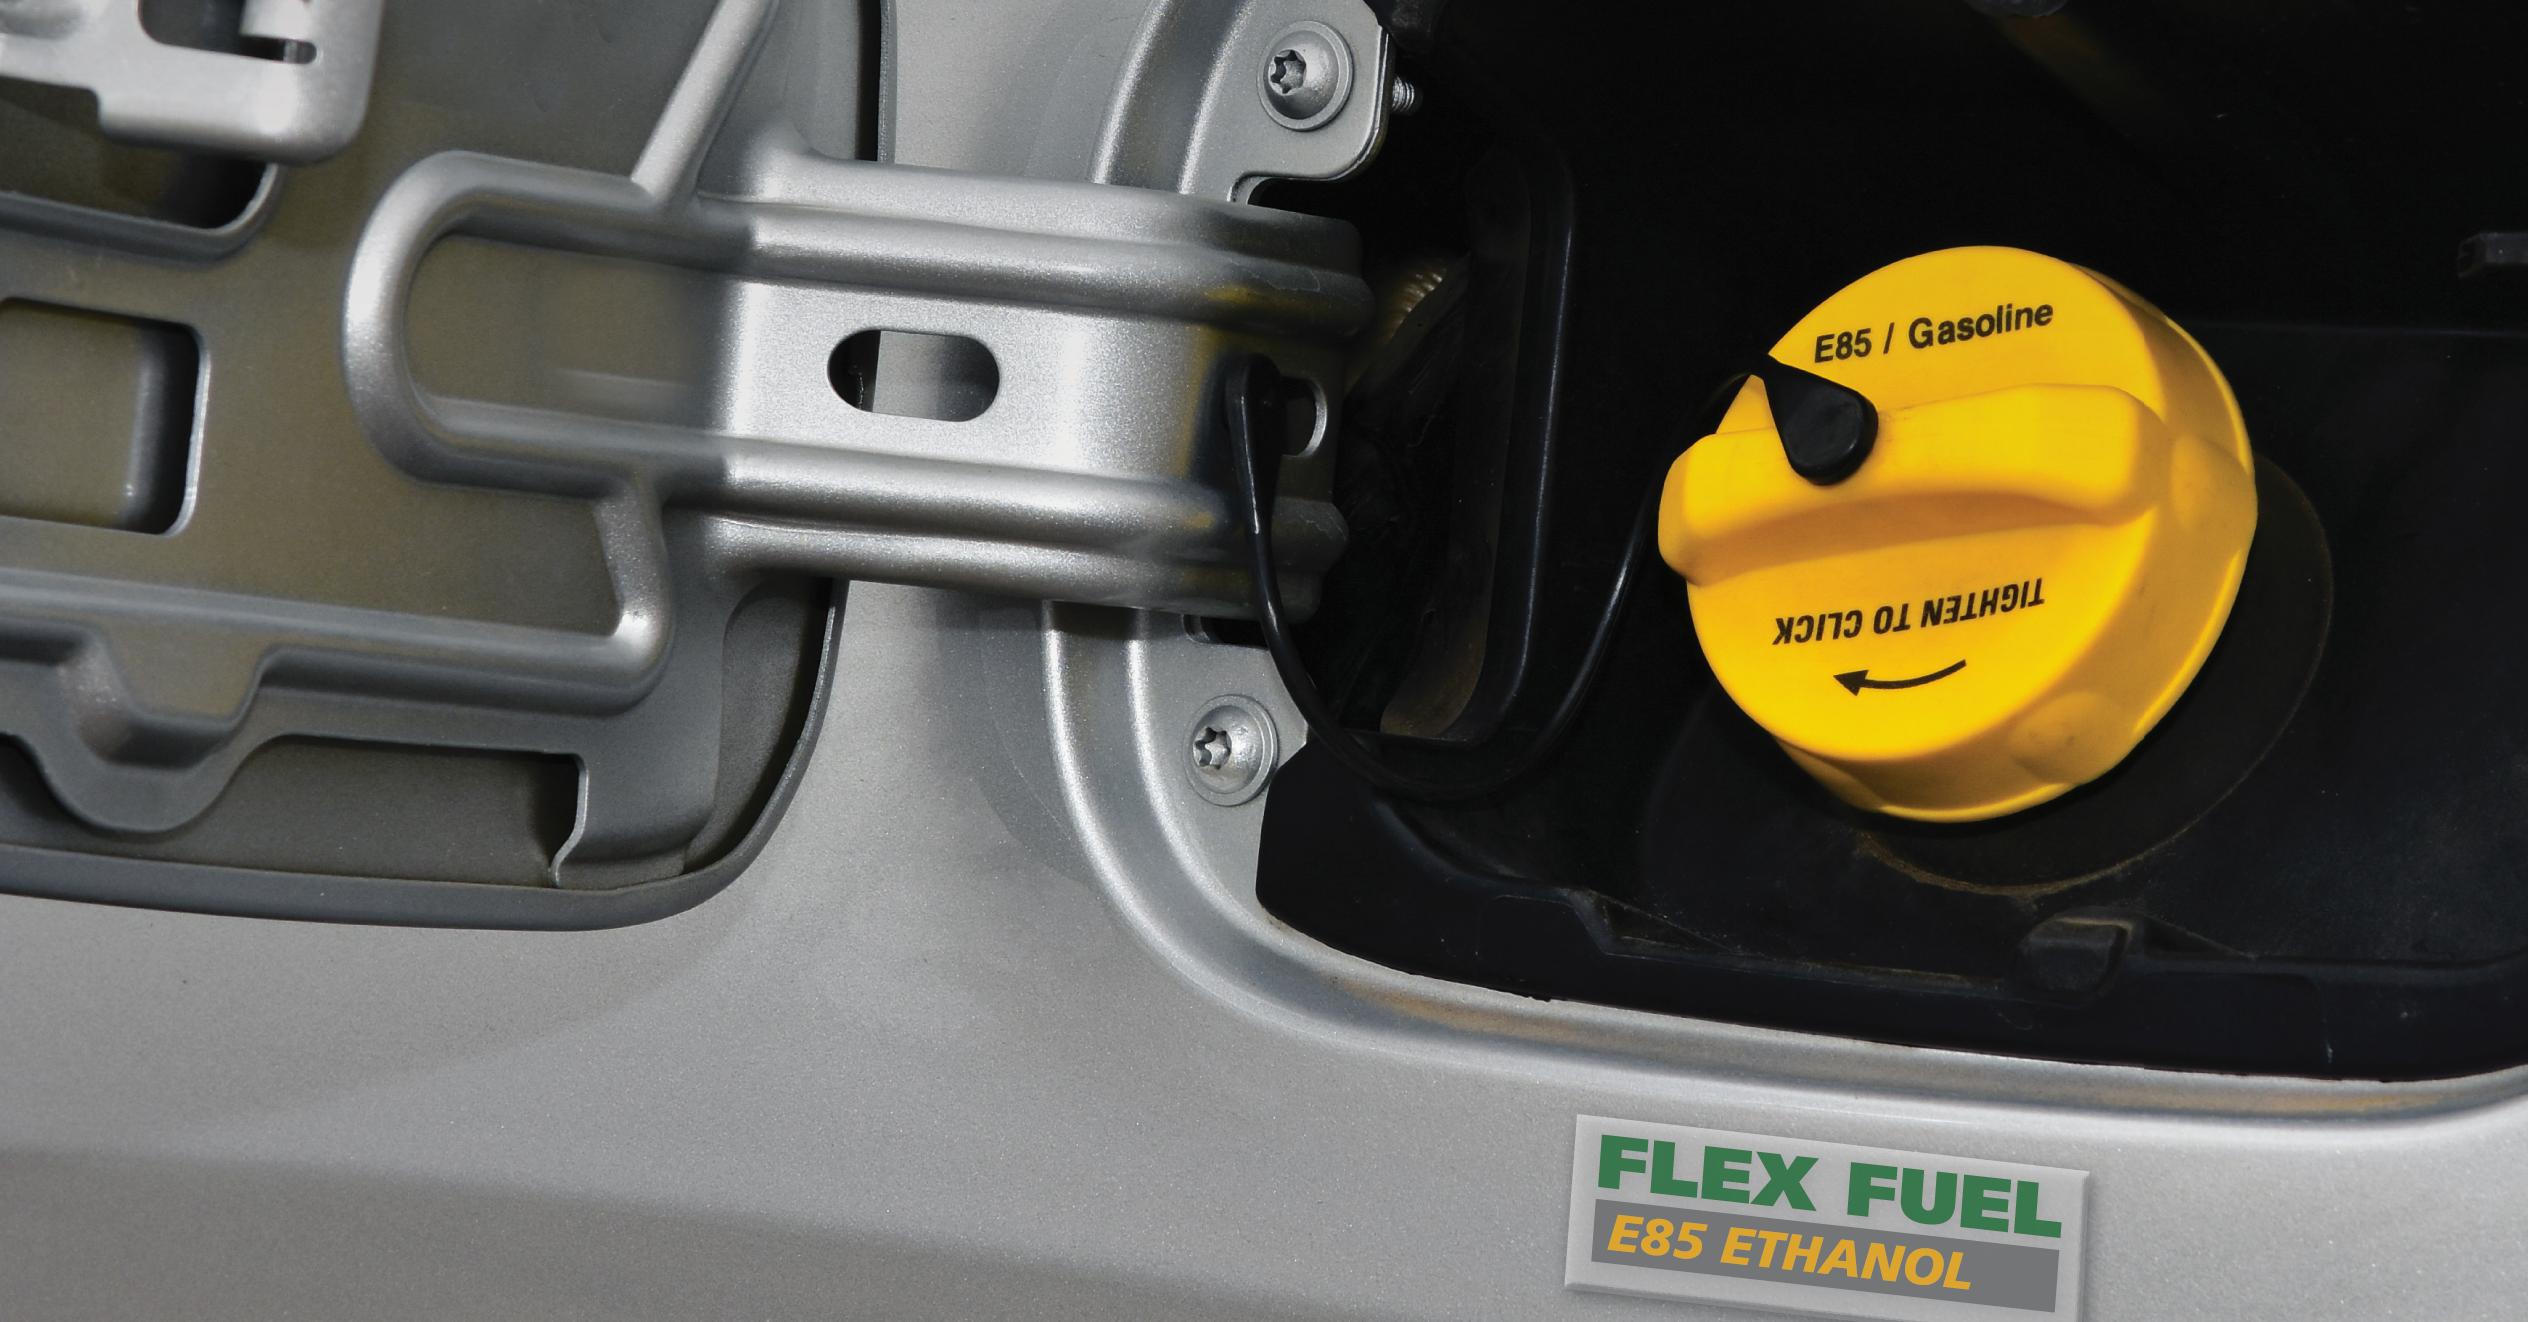 Ethanol and Flex Fuel